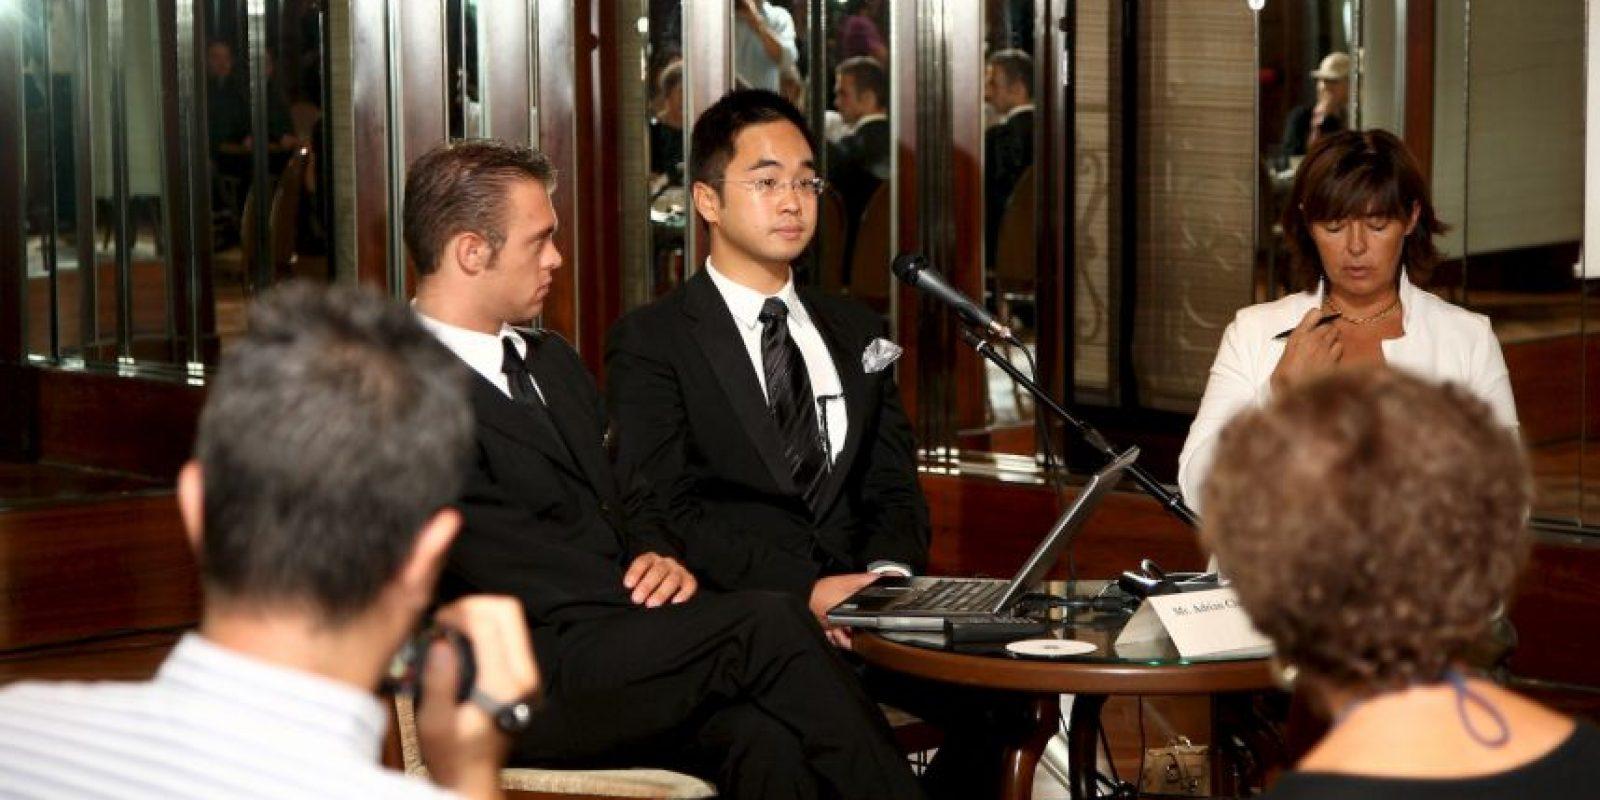 Con la que adquirió una fortuna de 1.4 mil millones de dólares. Foto:Getty Images